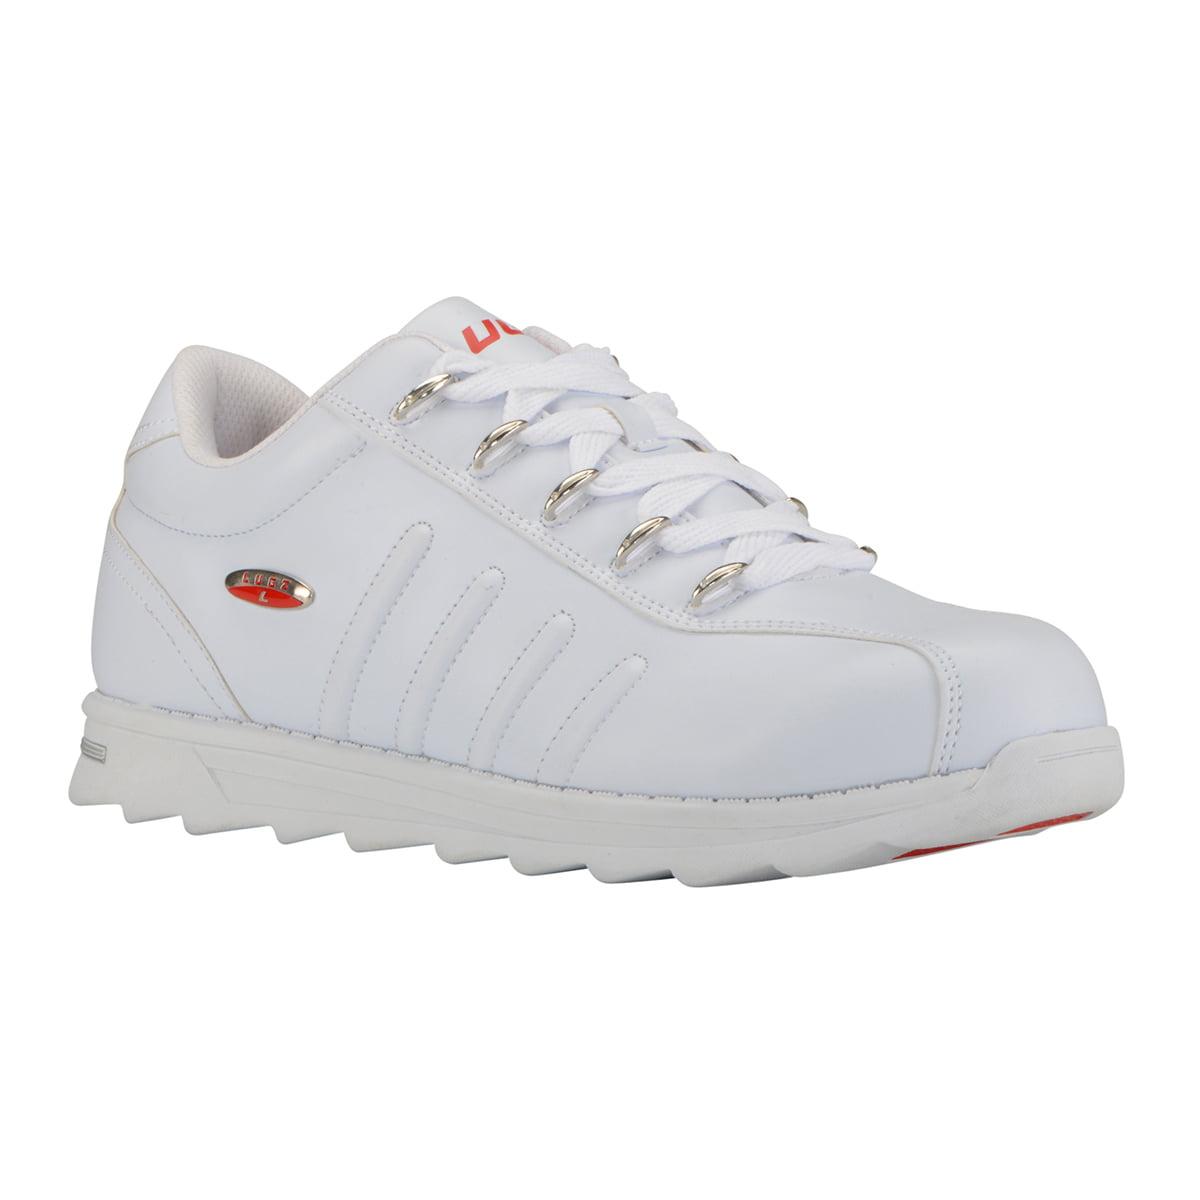 Changeover II Oxford Sneakers - Walmart